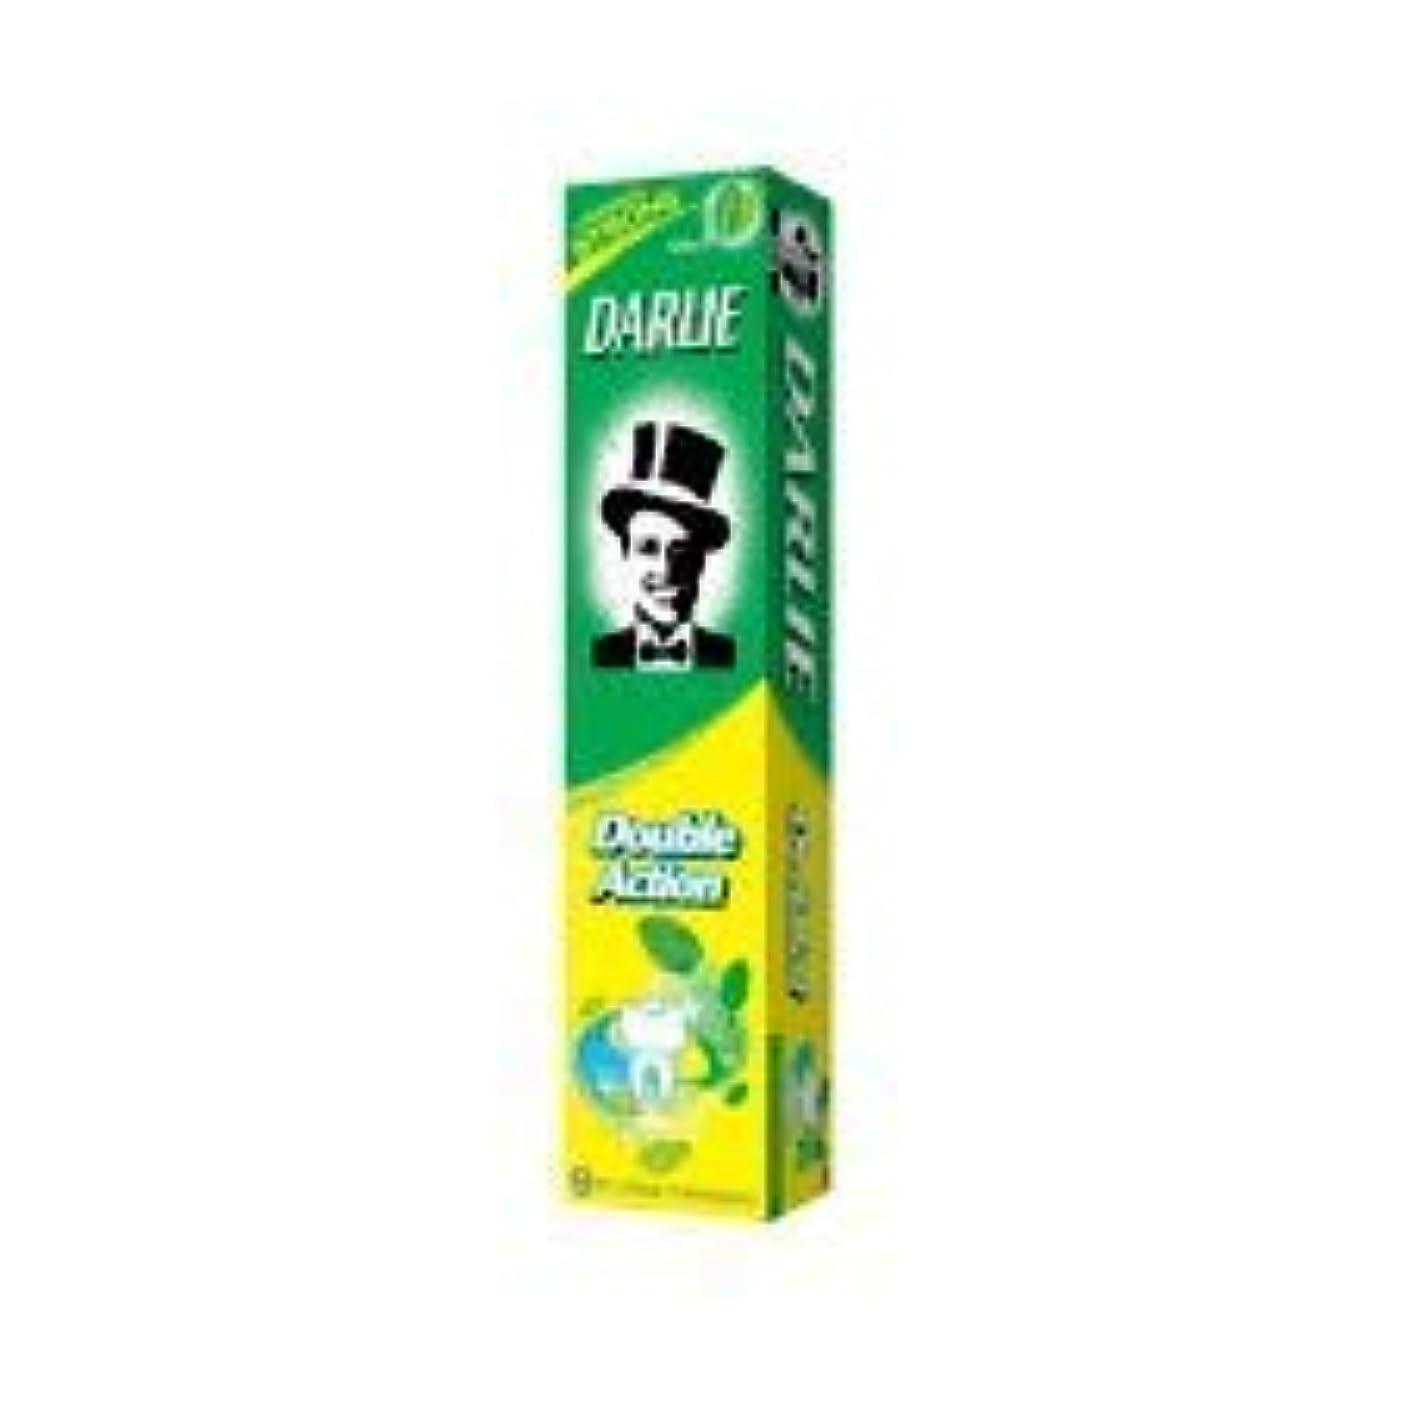 ホーン巨大な敬礼DARLIE ナチュラルミント百グラムの黒歯磨き粉歯磨き粉二重の役割は - 歯を強化し、虫歯を防ぐためにフッ化物を追加します